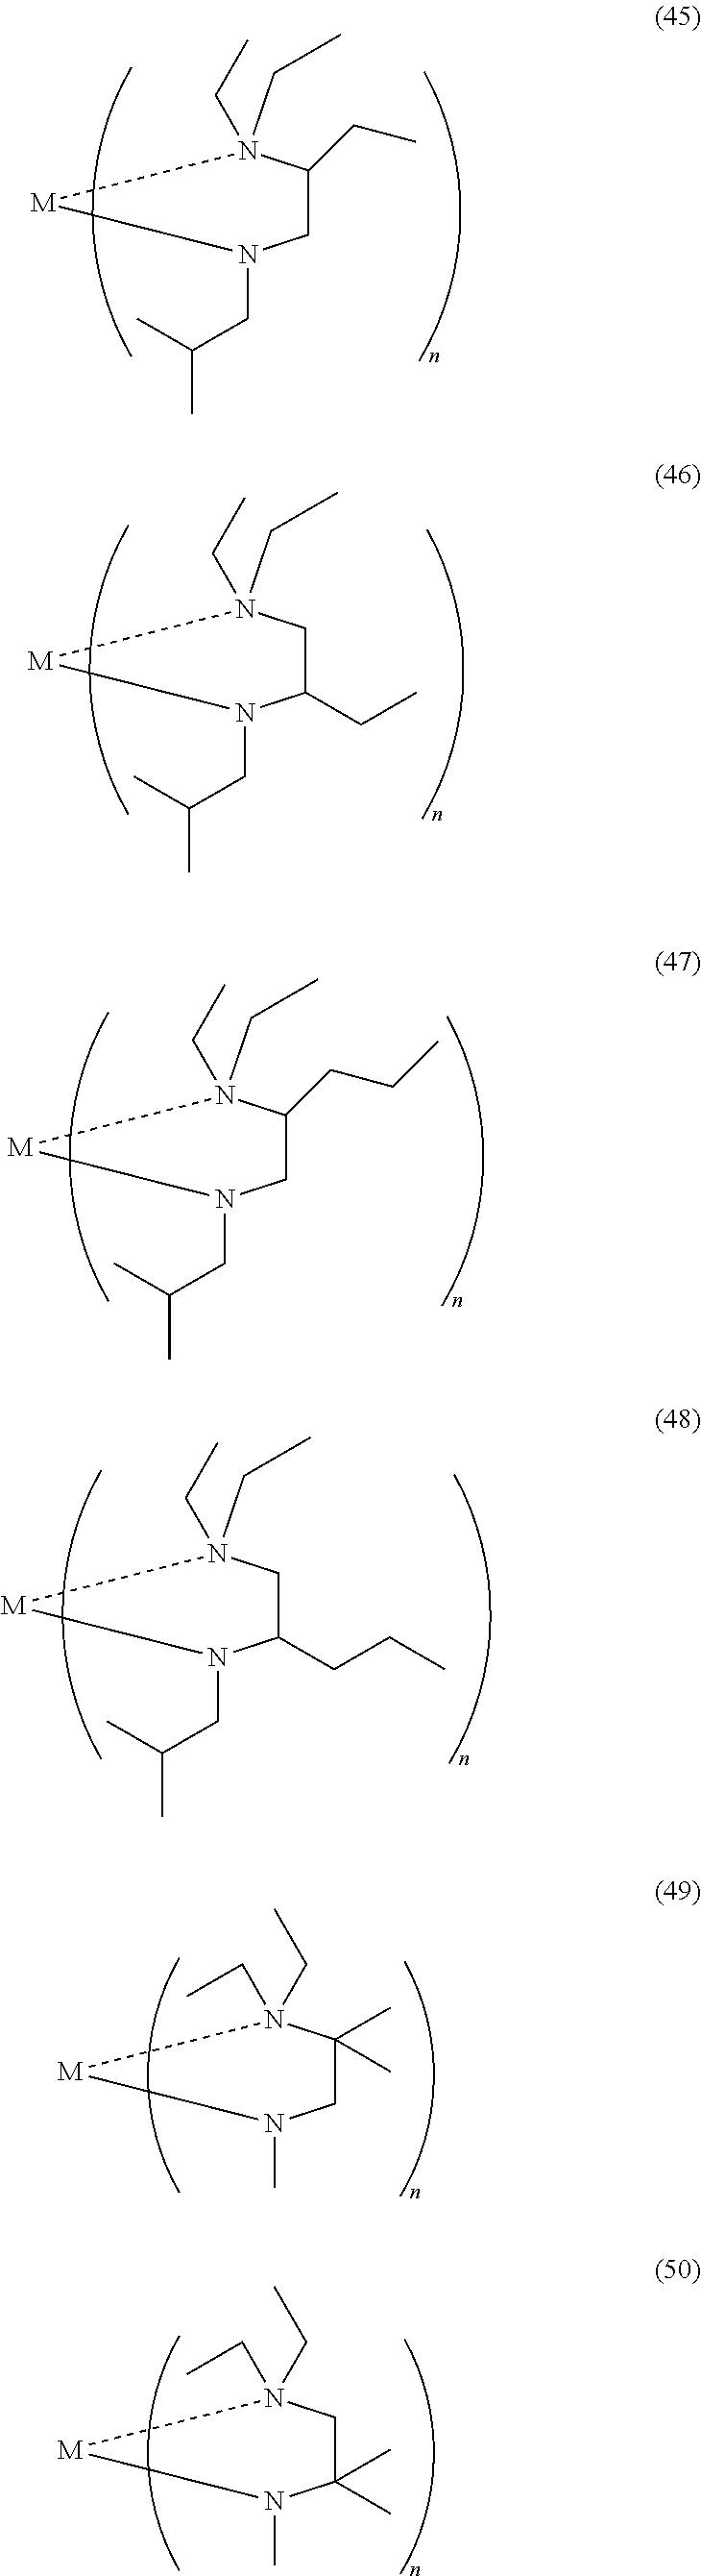 Figure US08871304-20141028-C00020